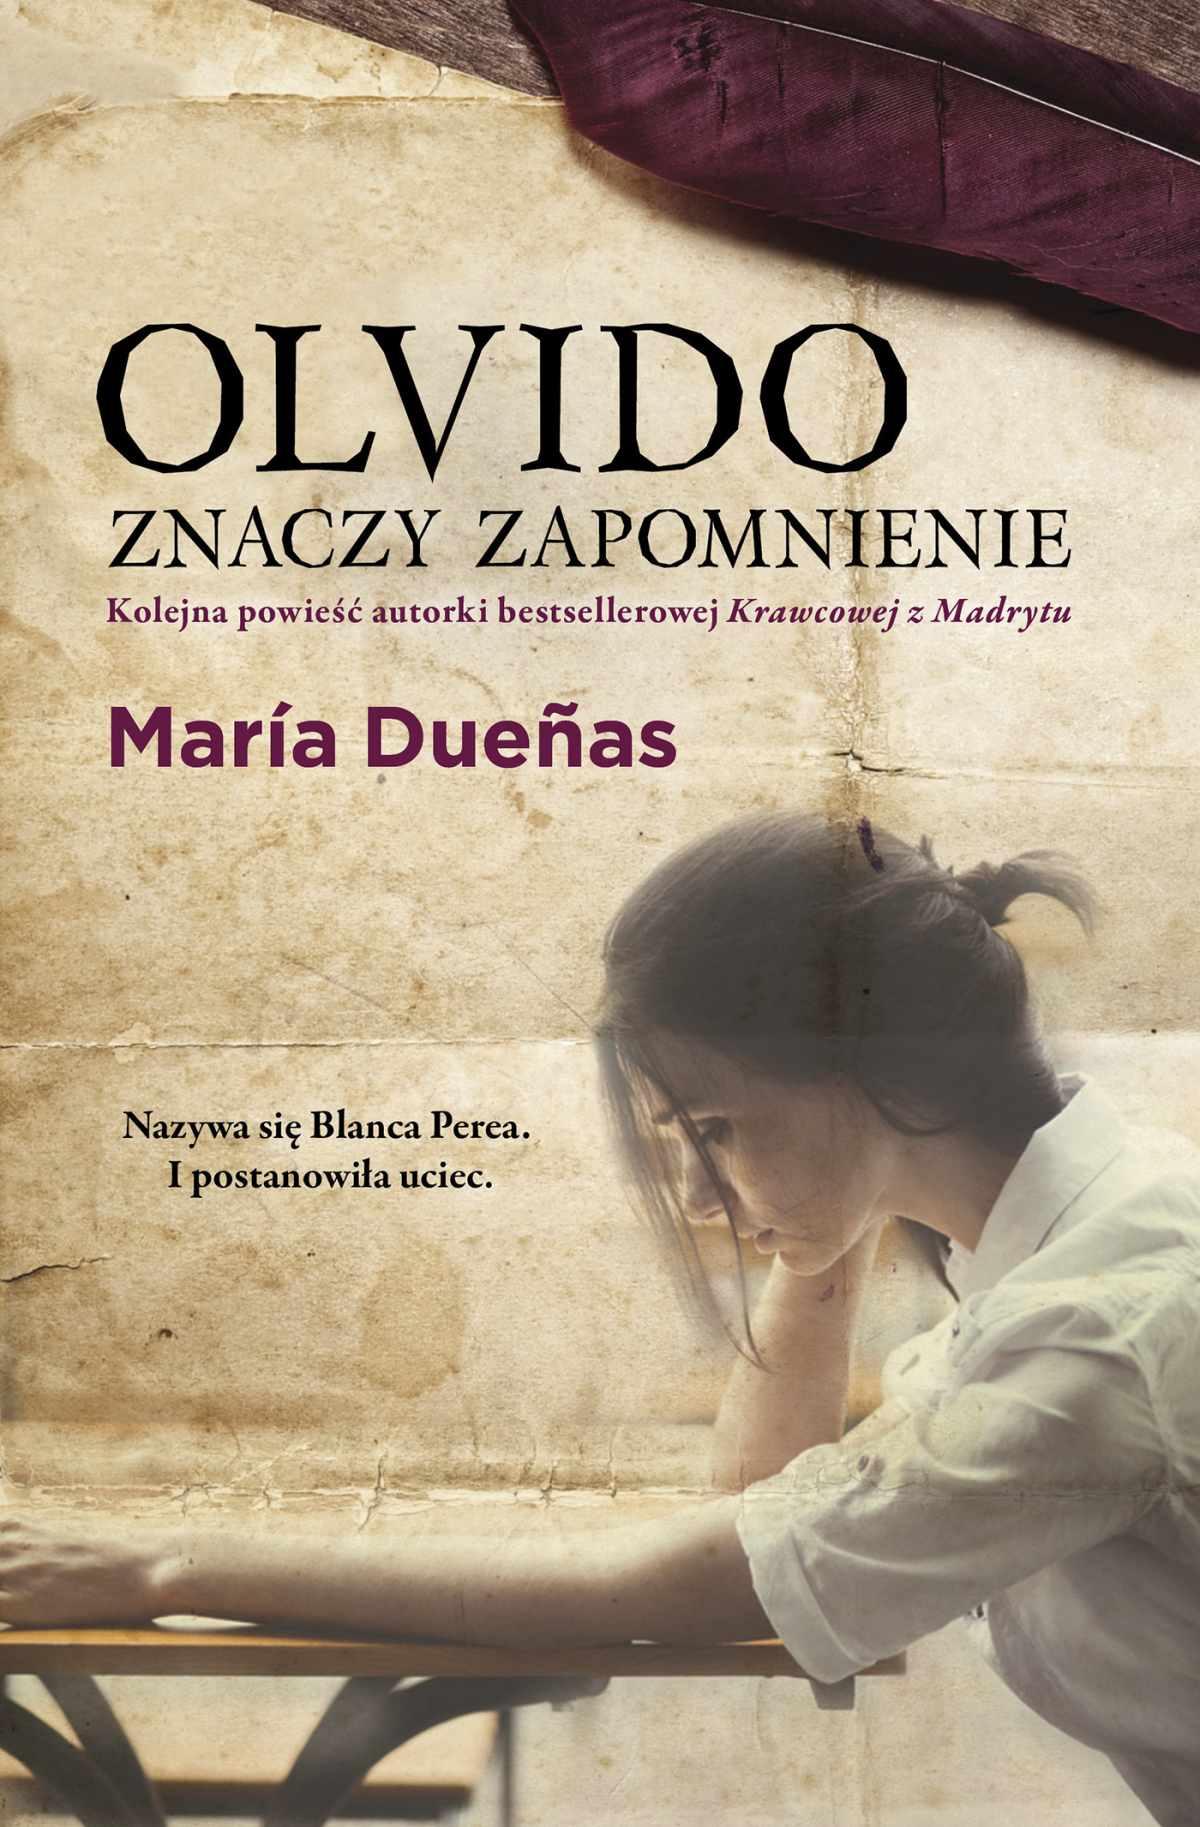 Olvido znaczy zapomnienie - Ebook (Książka EPUB) do pobrania w formacie EPUB